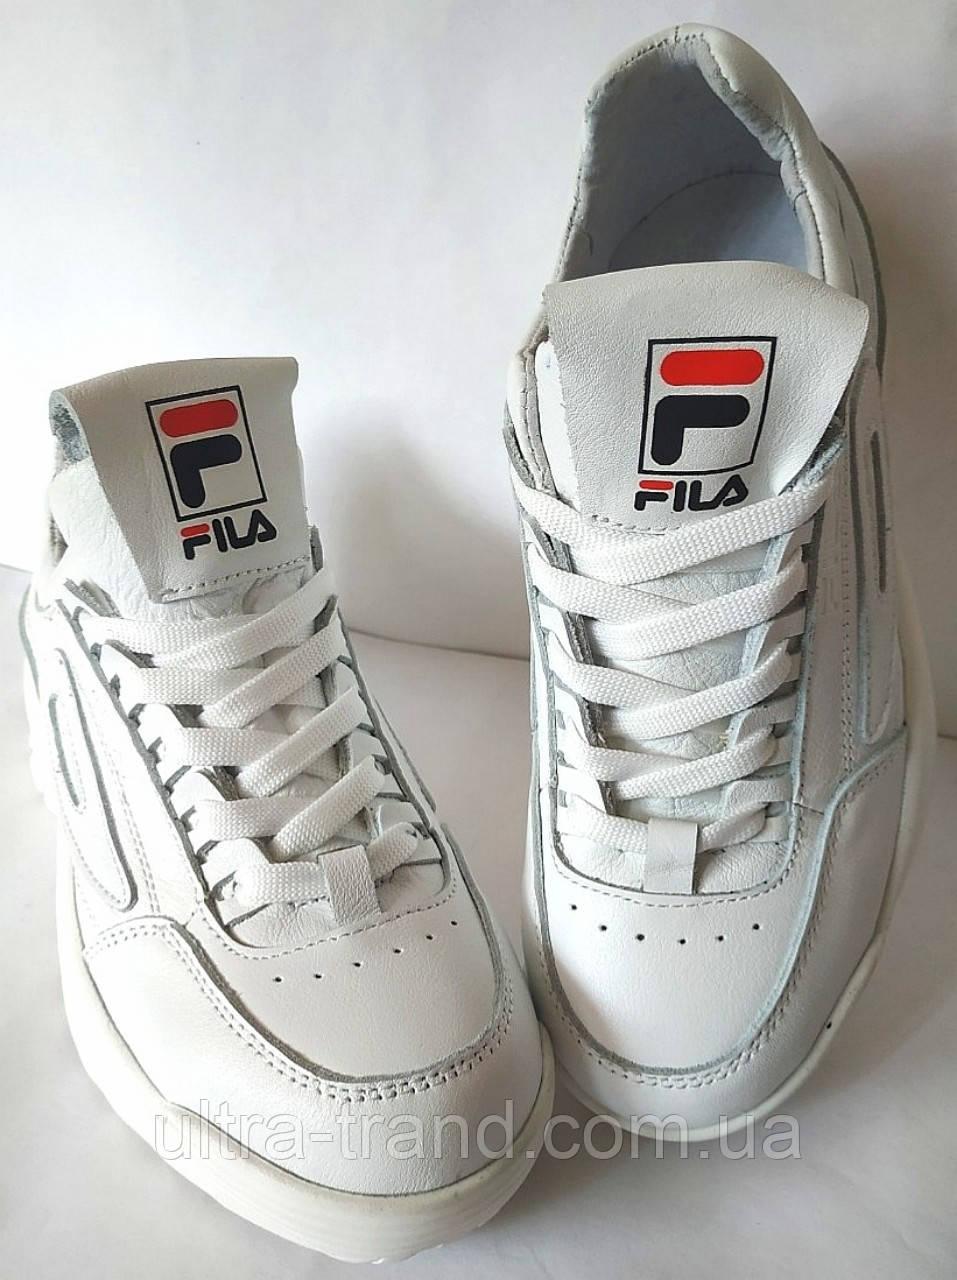 FILA Disruptor! Фила женские кожаные кроссовки белого цвета